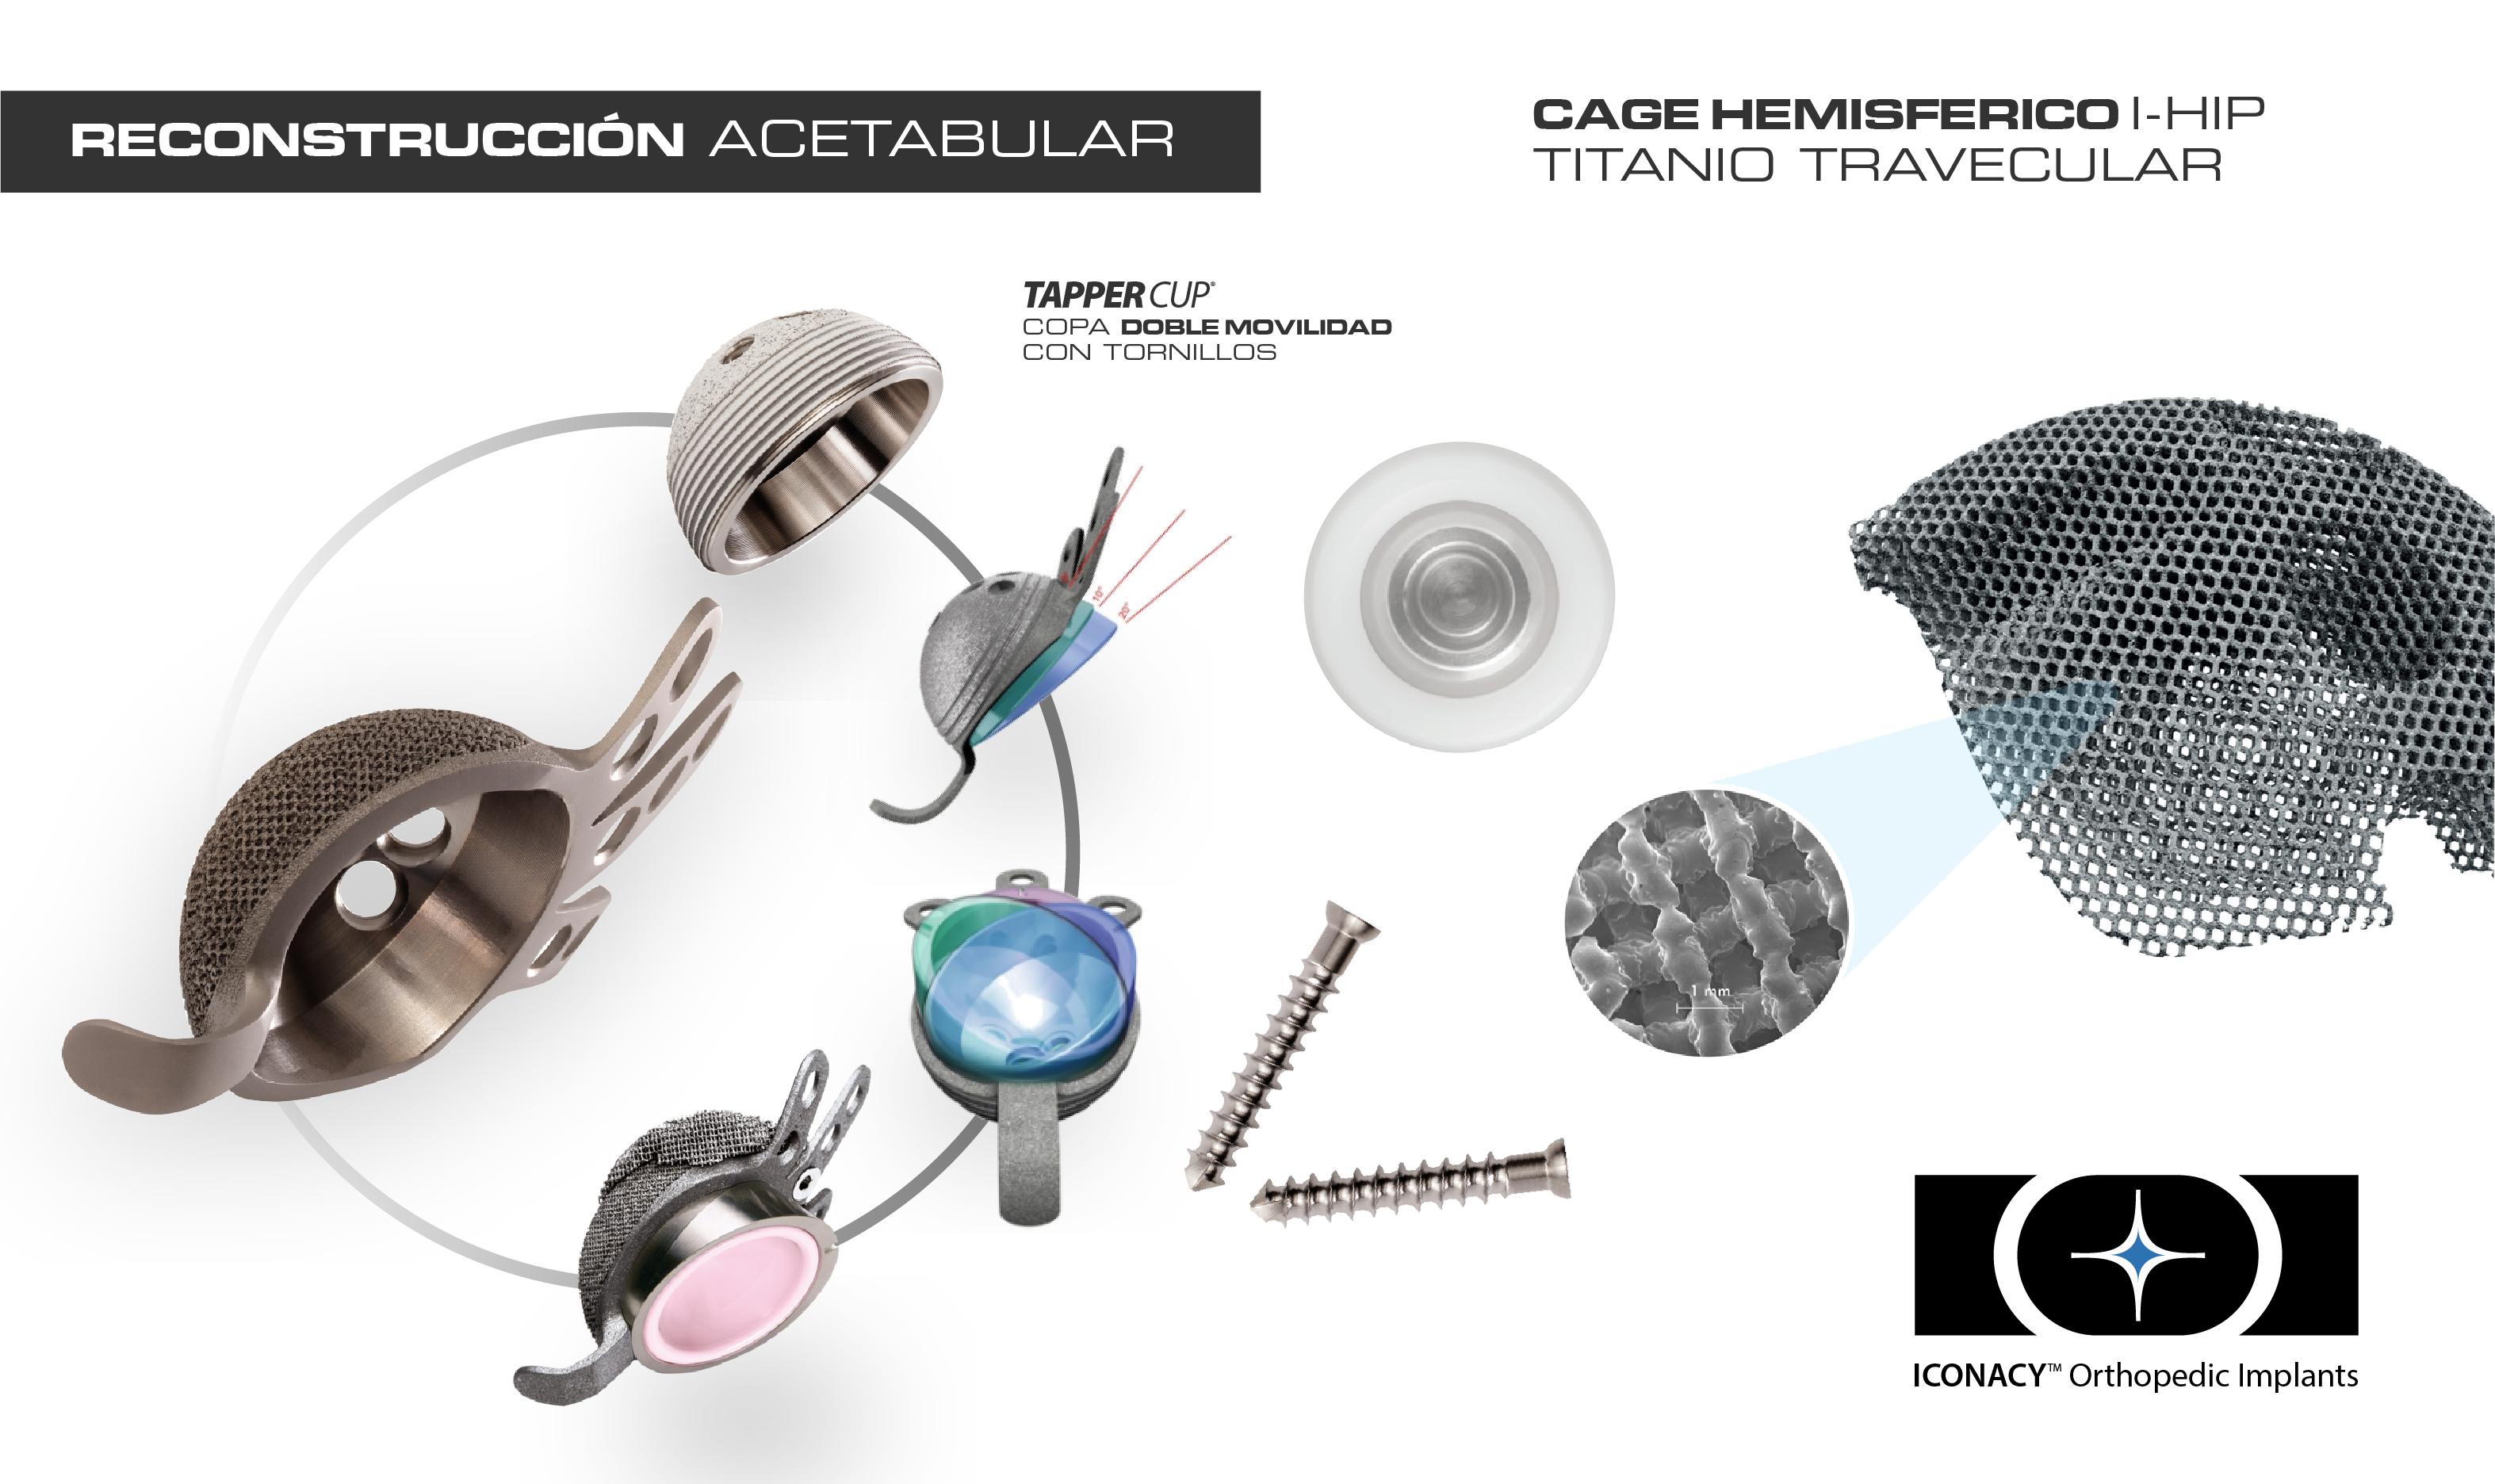 Sub menu Copa doble movilidad Iconacy Revision-02